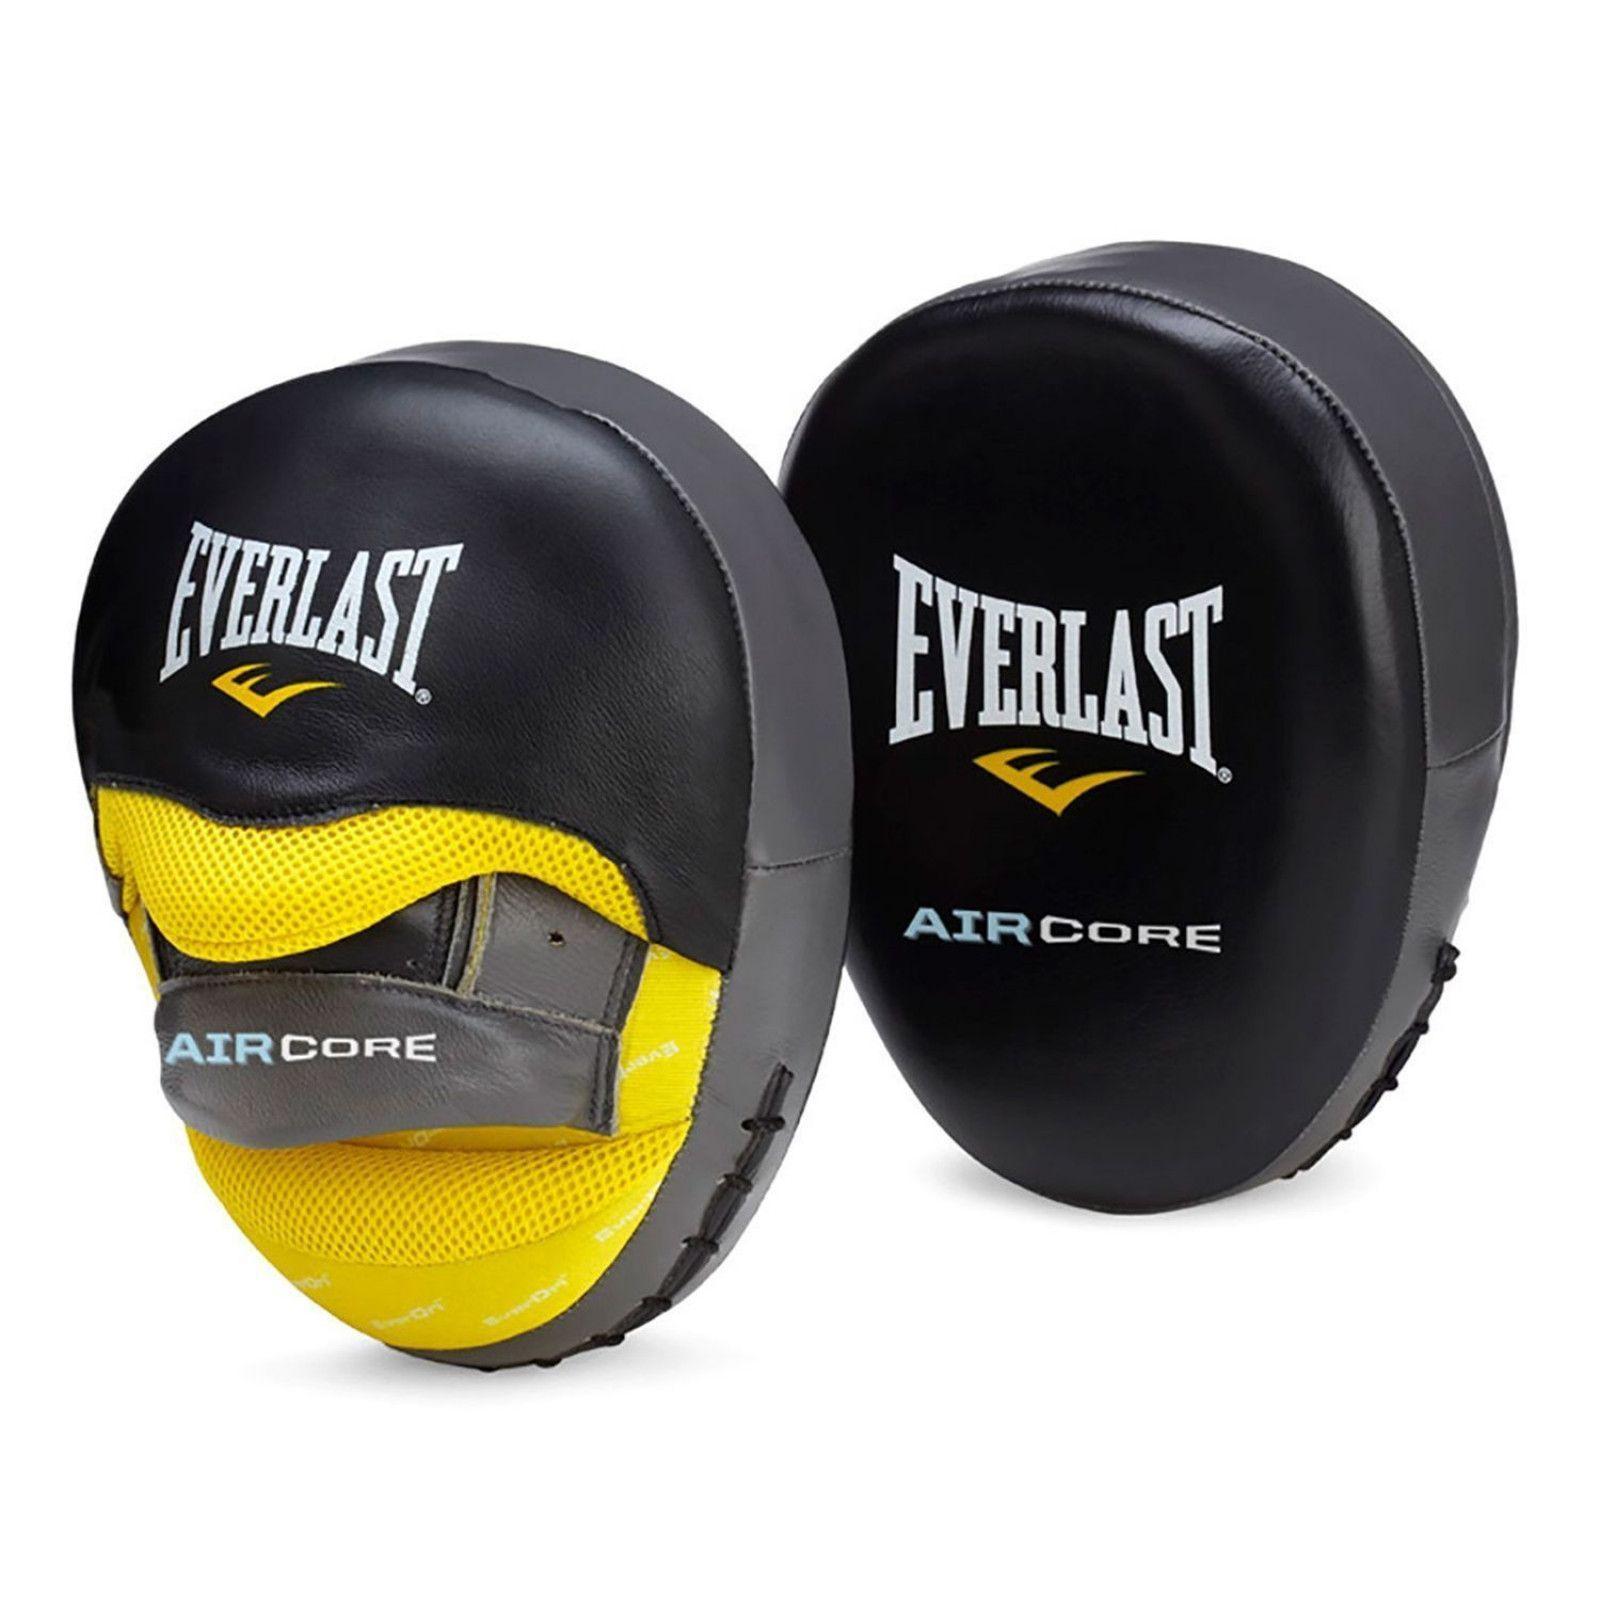 Лапы боксерские Everlast C3 PRO Aircore Punch